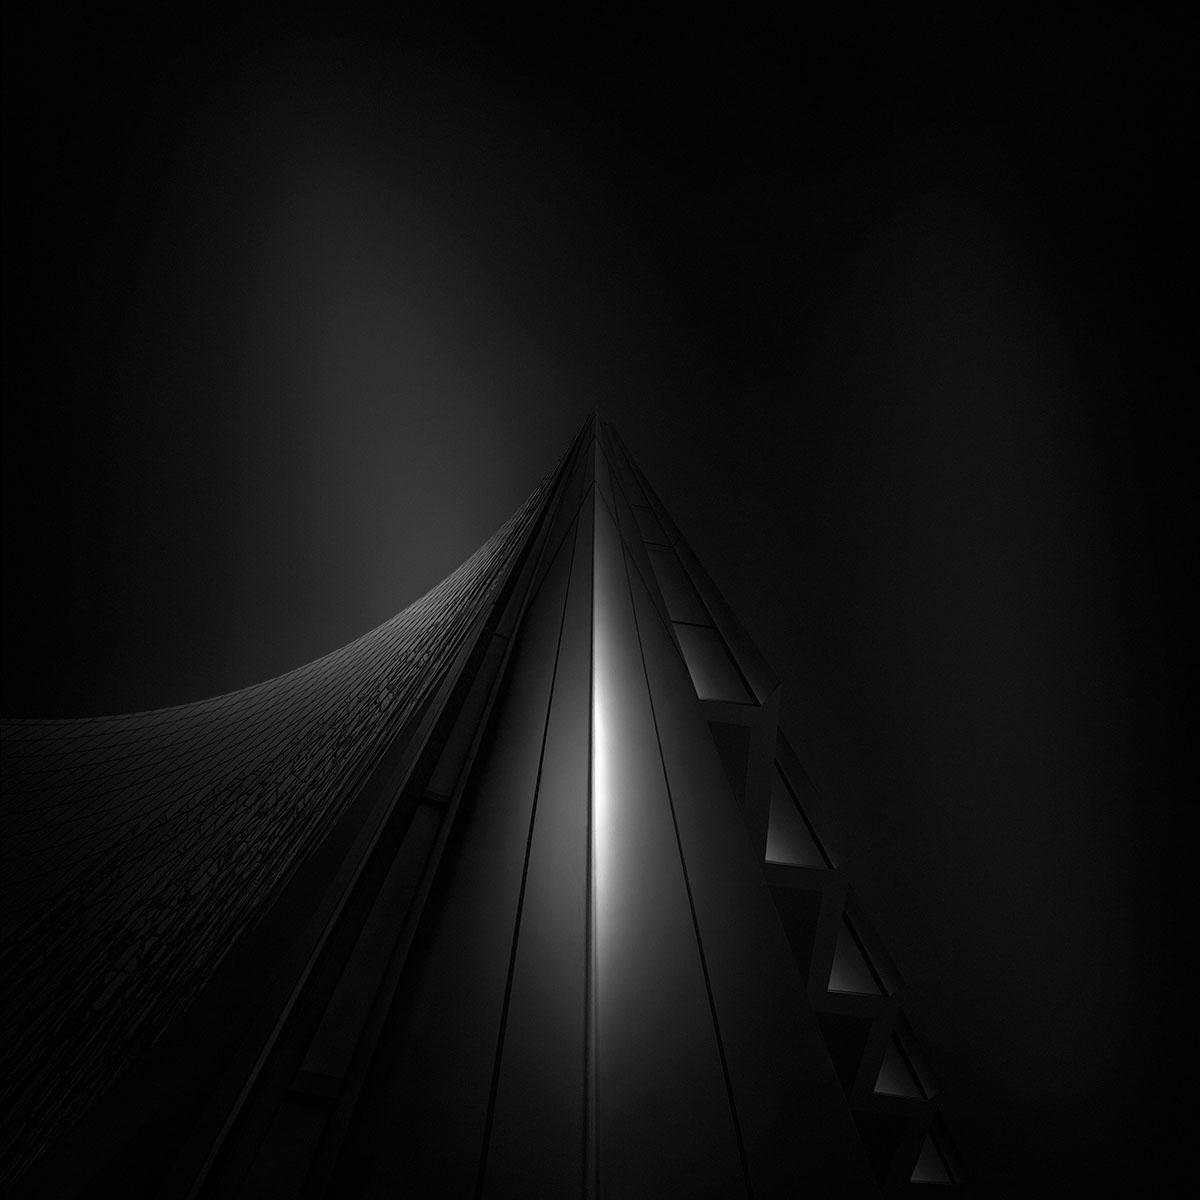 Ode to Black I - Self Black - Willis Tower London © Julia Anna Gospodarou